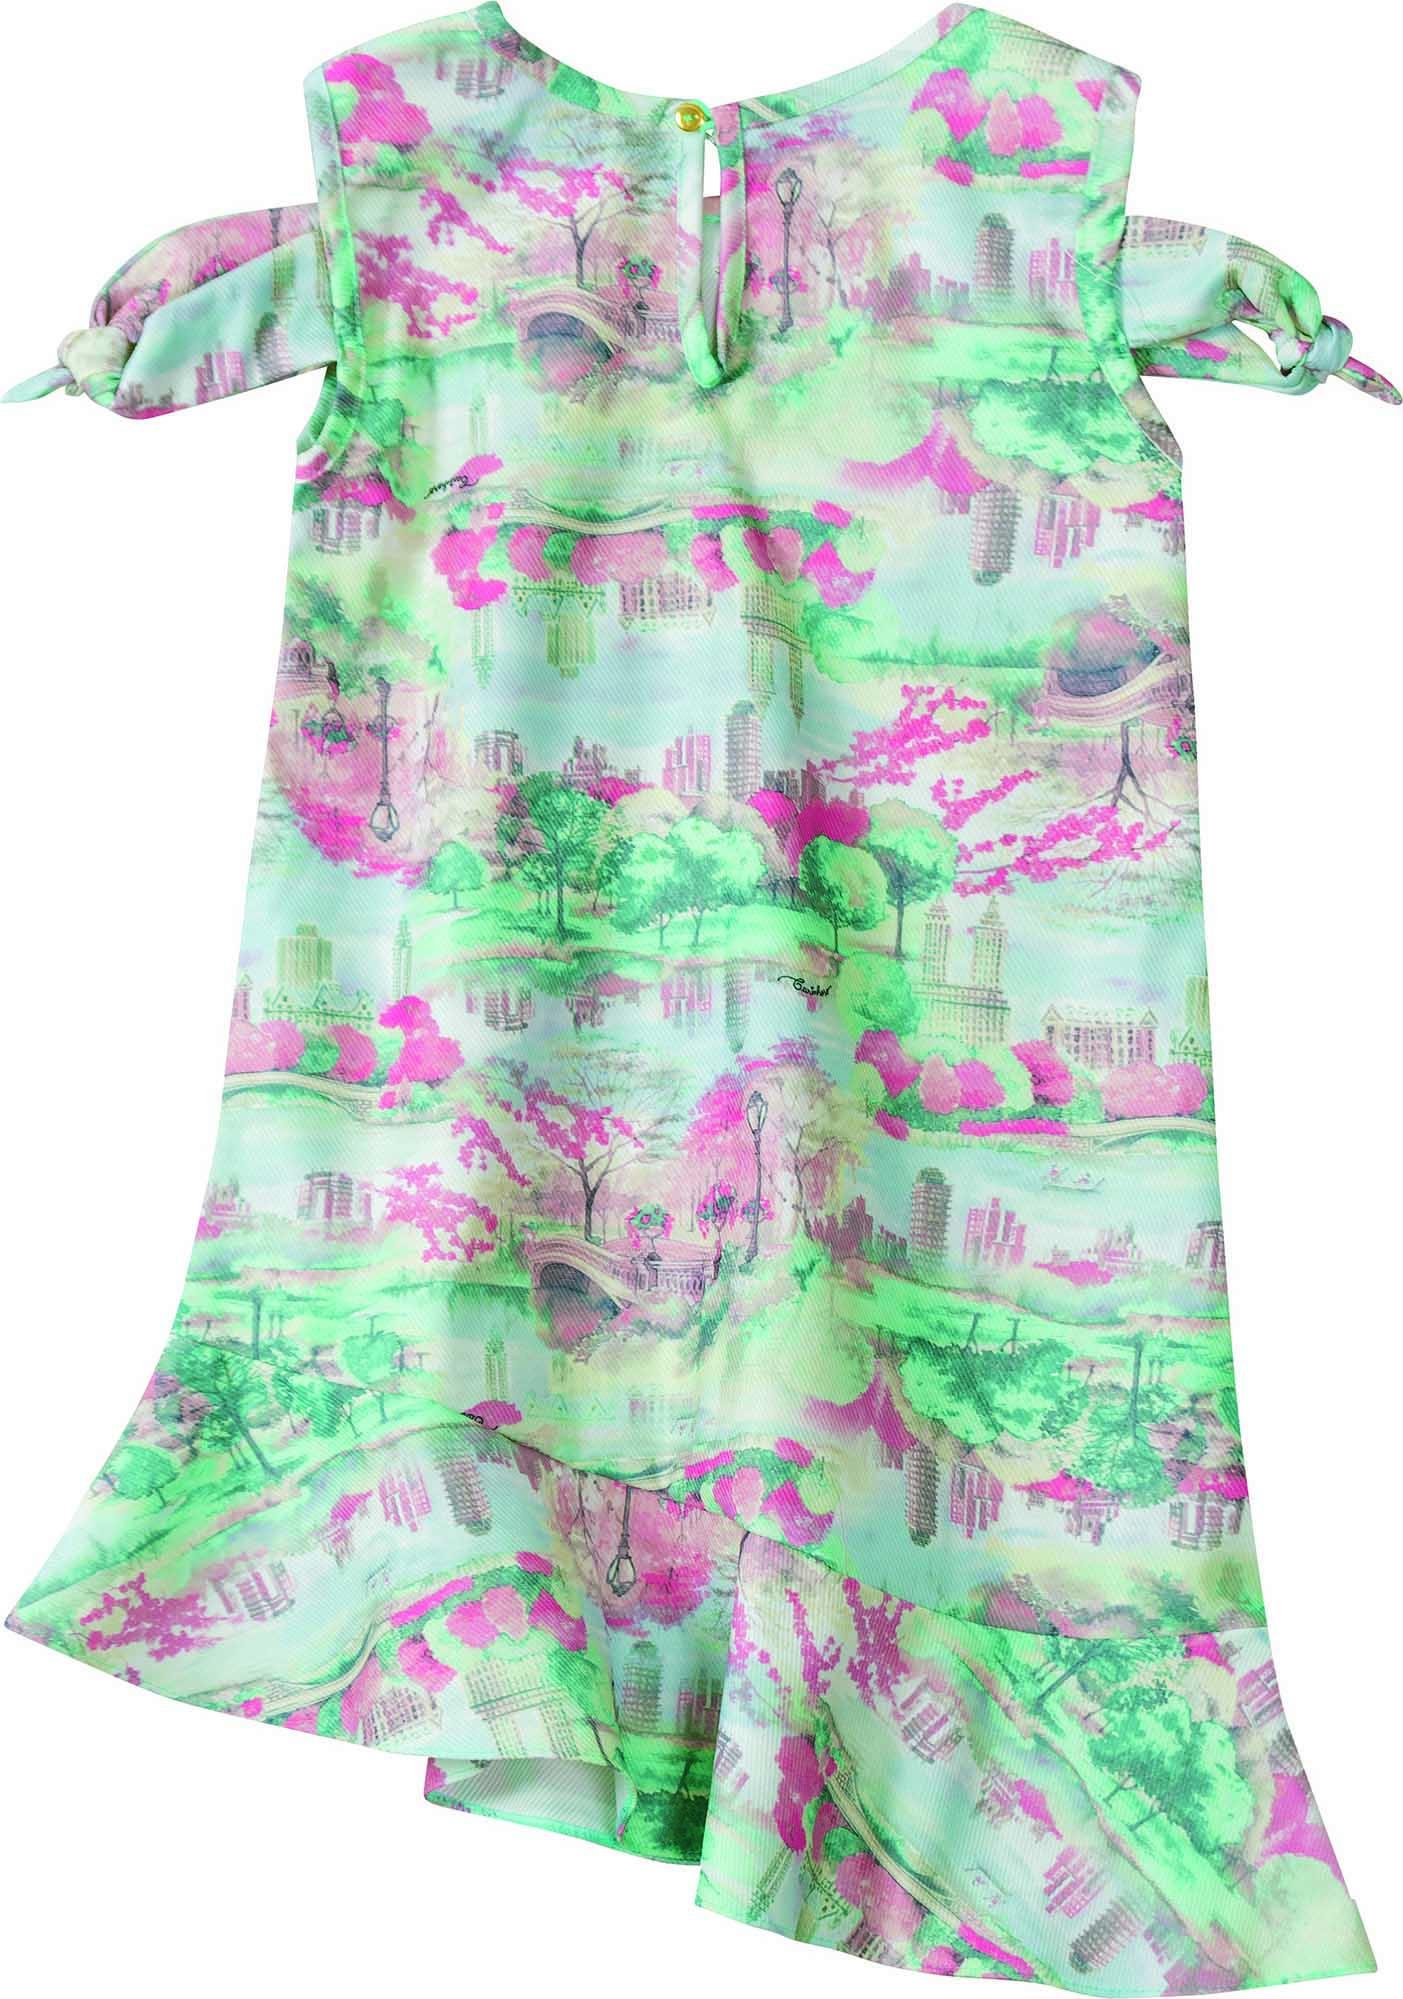 Vestido Curto Colorido em Poliéster - Tam 04 a 12 anos